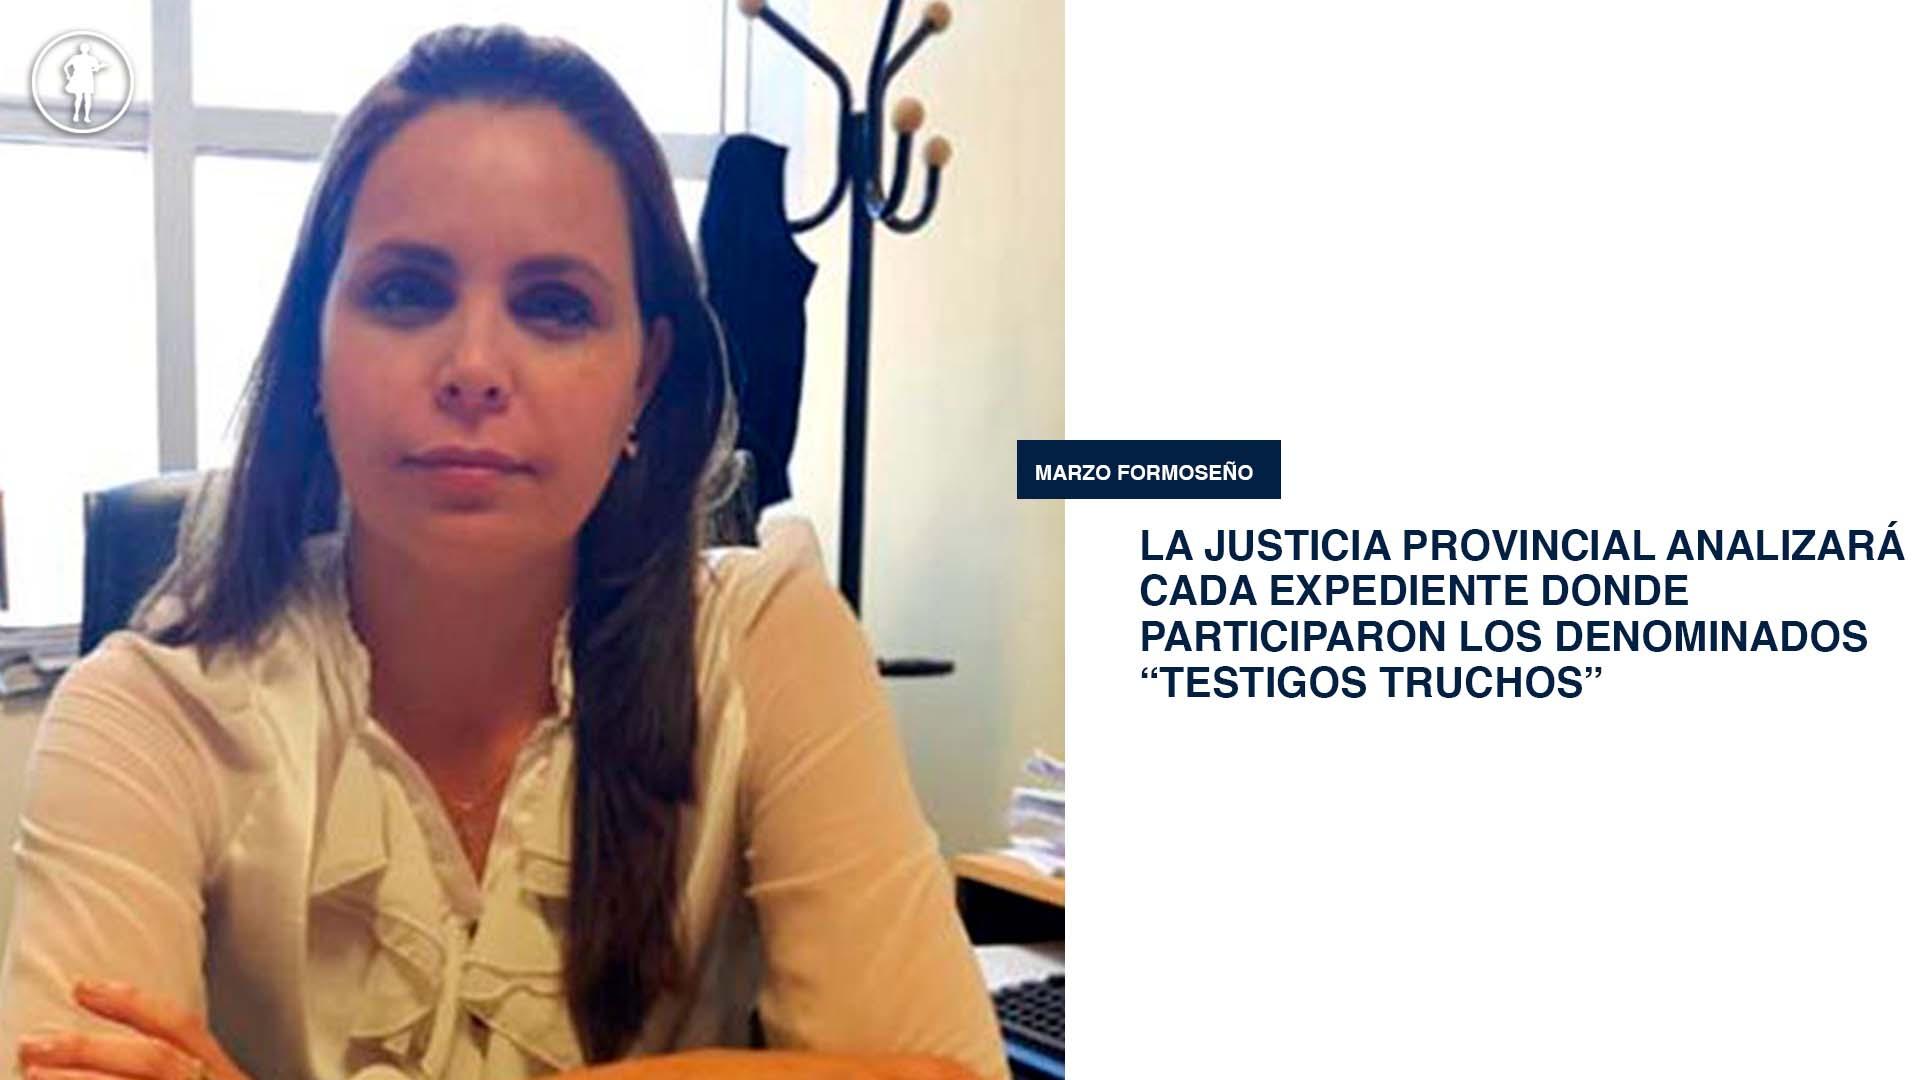 """la-justicia-provincial-analizara-cada-expediente-donde-participaron-los-denominados-""""testigos-truchos"""""""